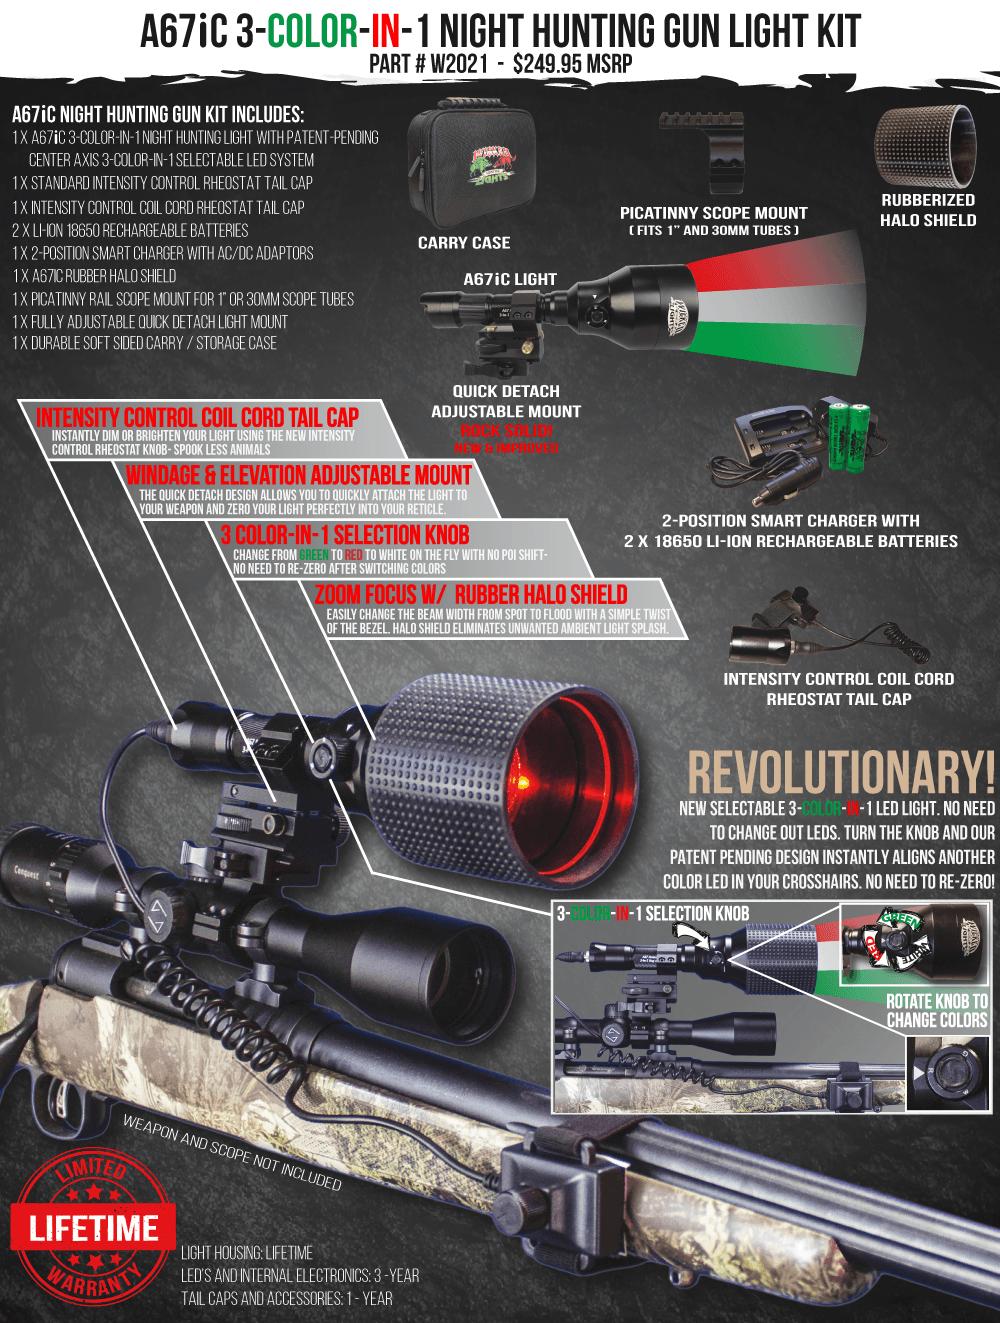 a67ic-gun-light-kit-contents-compressor.png